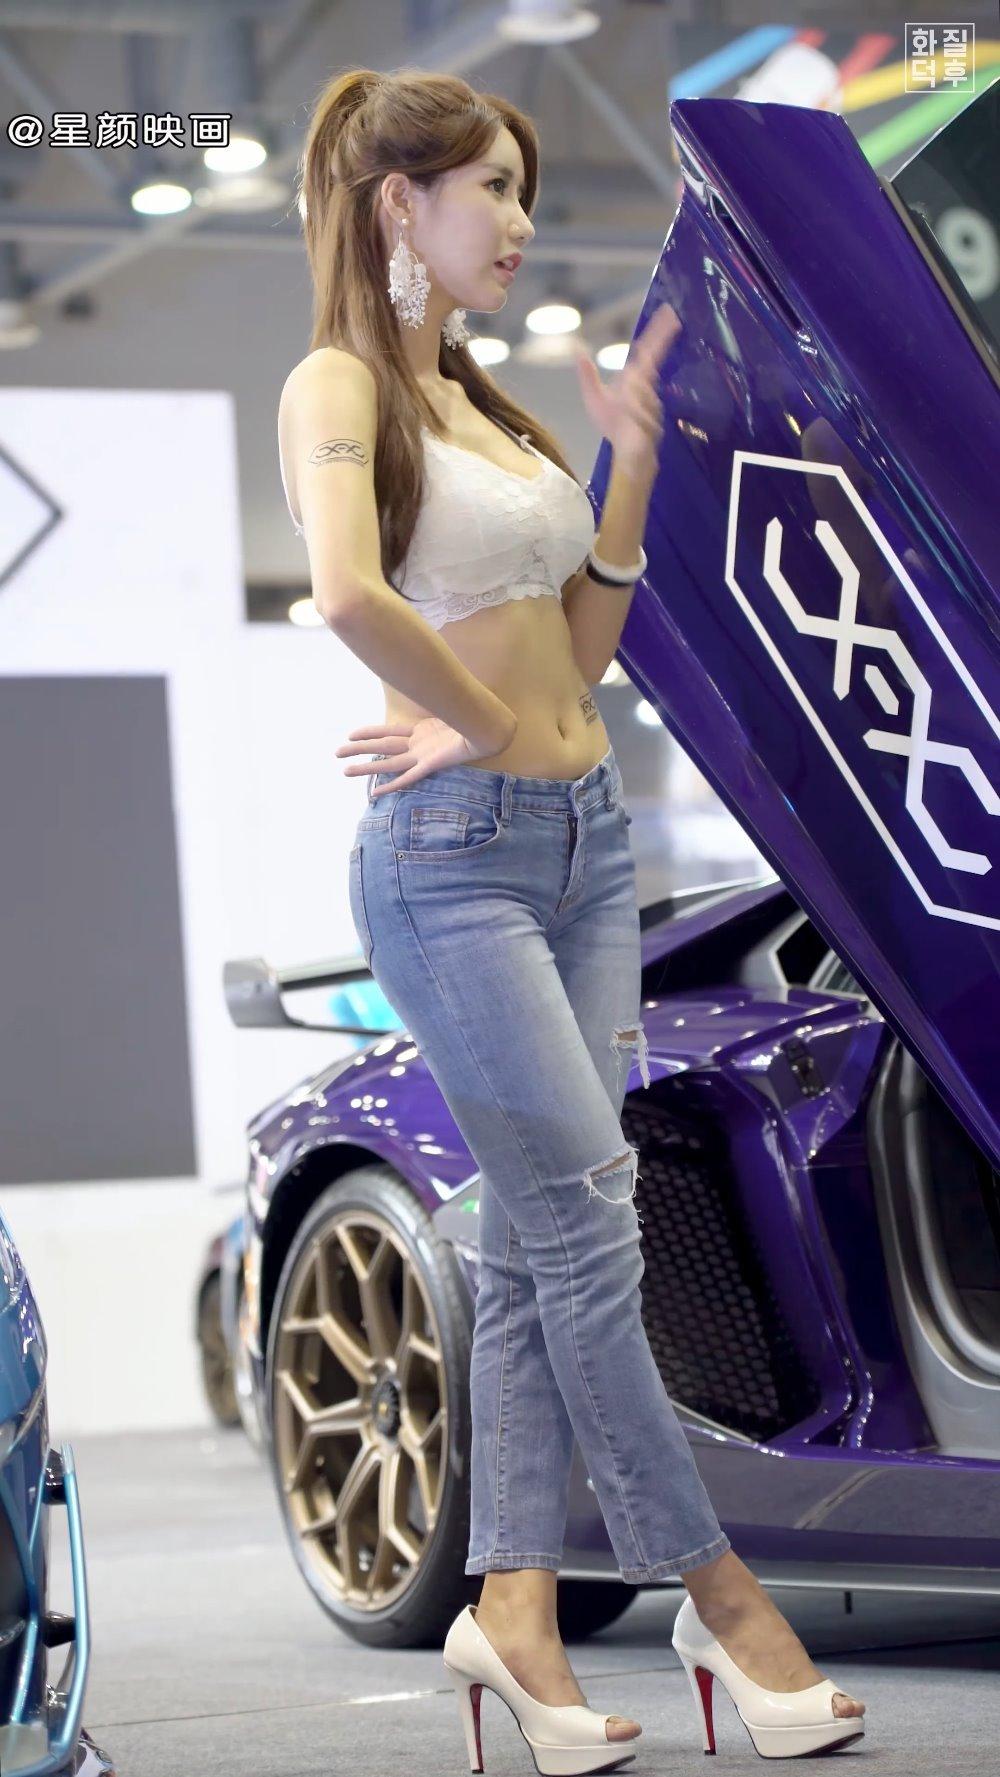 韩国美女车模林率雅牛仔裤白色抹胸,颜值美身材完美,妩媚动人的女子啊